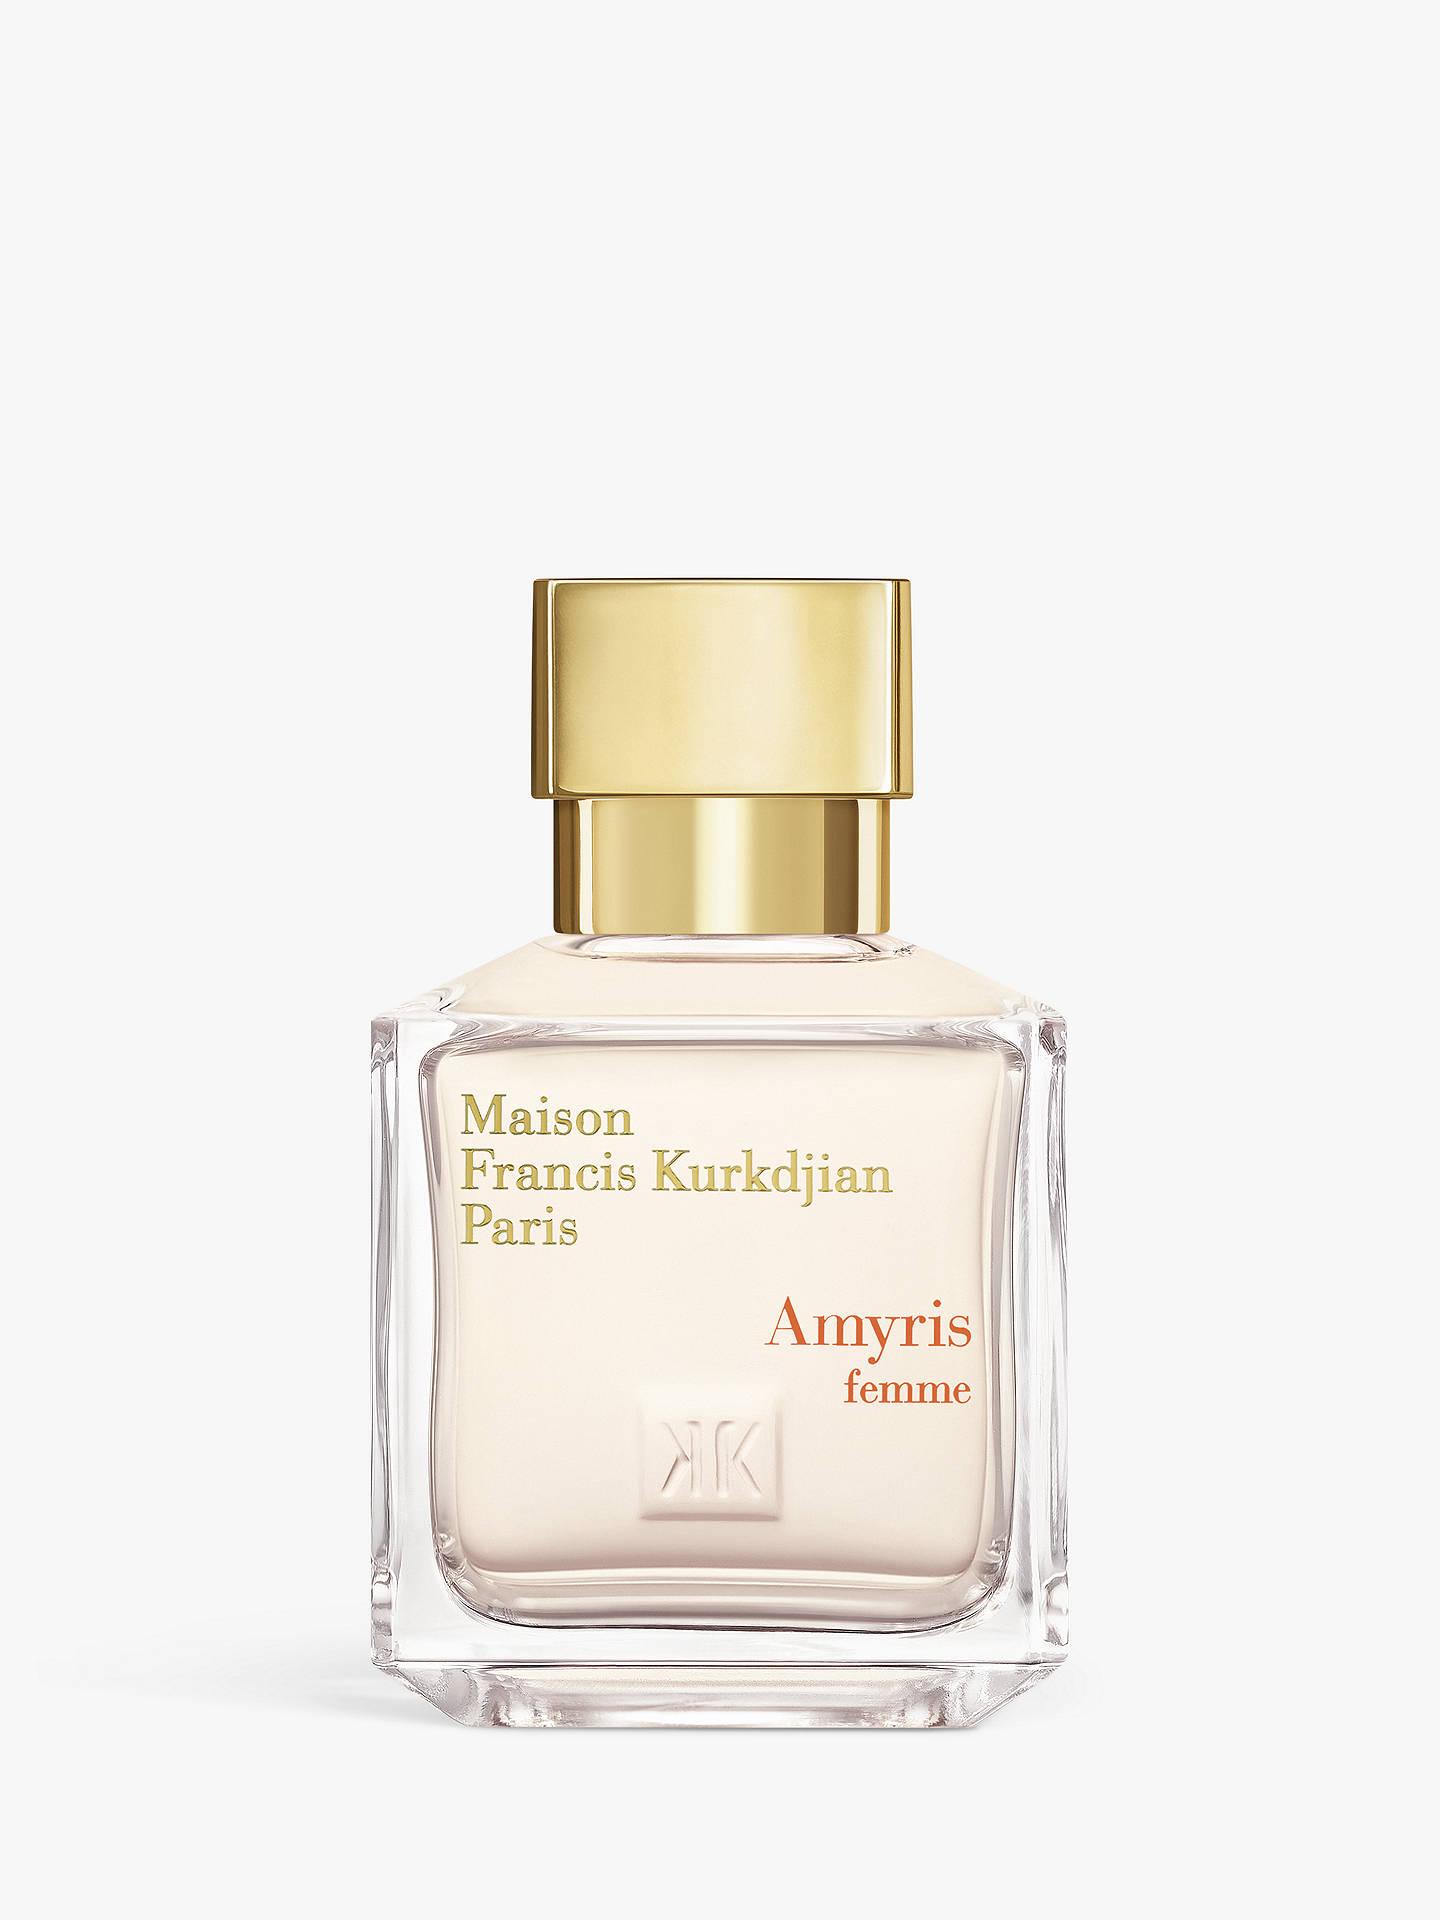 Maison Francis Kurkdjian Amyris Pour Femme Eau De Parfum 70ml At